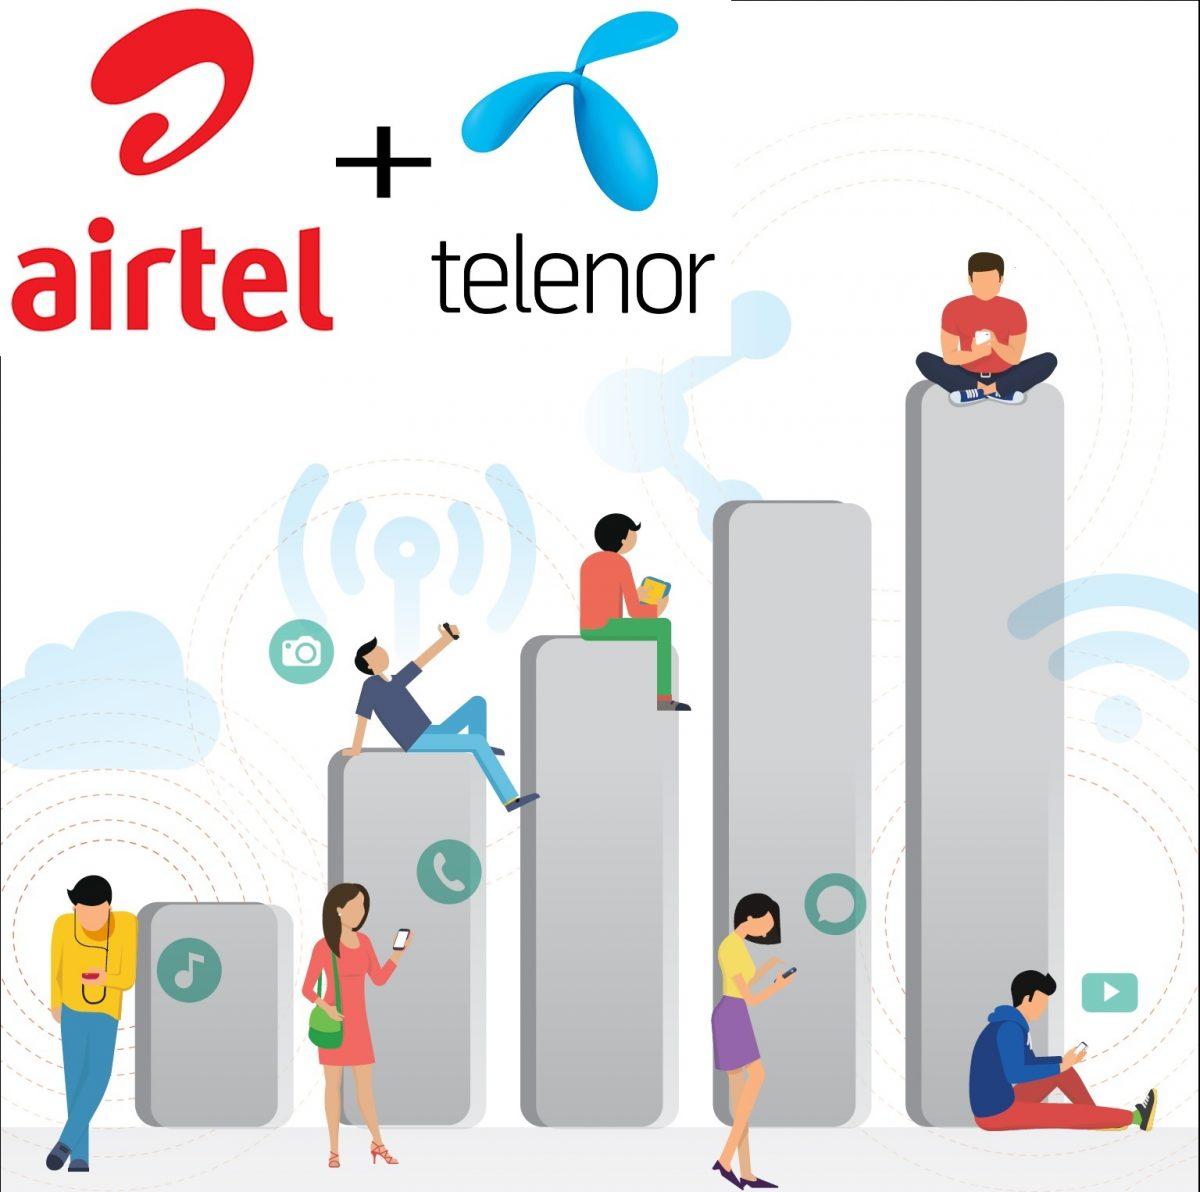 Airtel-Telenor-Merger-Cover-Image-Outside